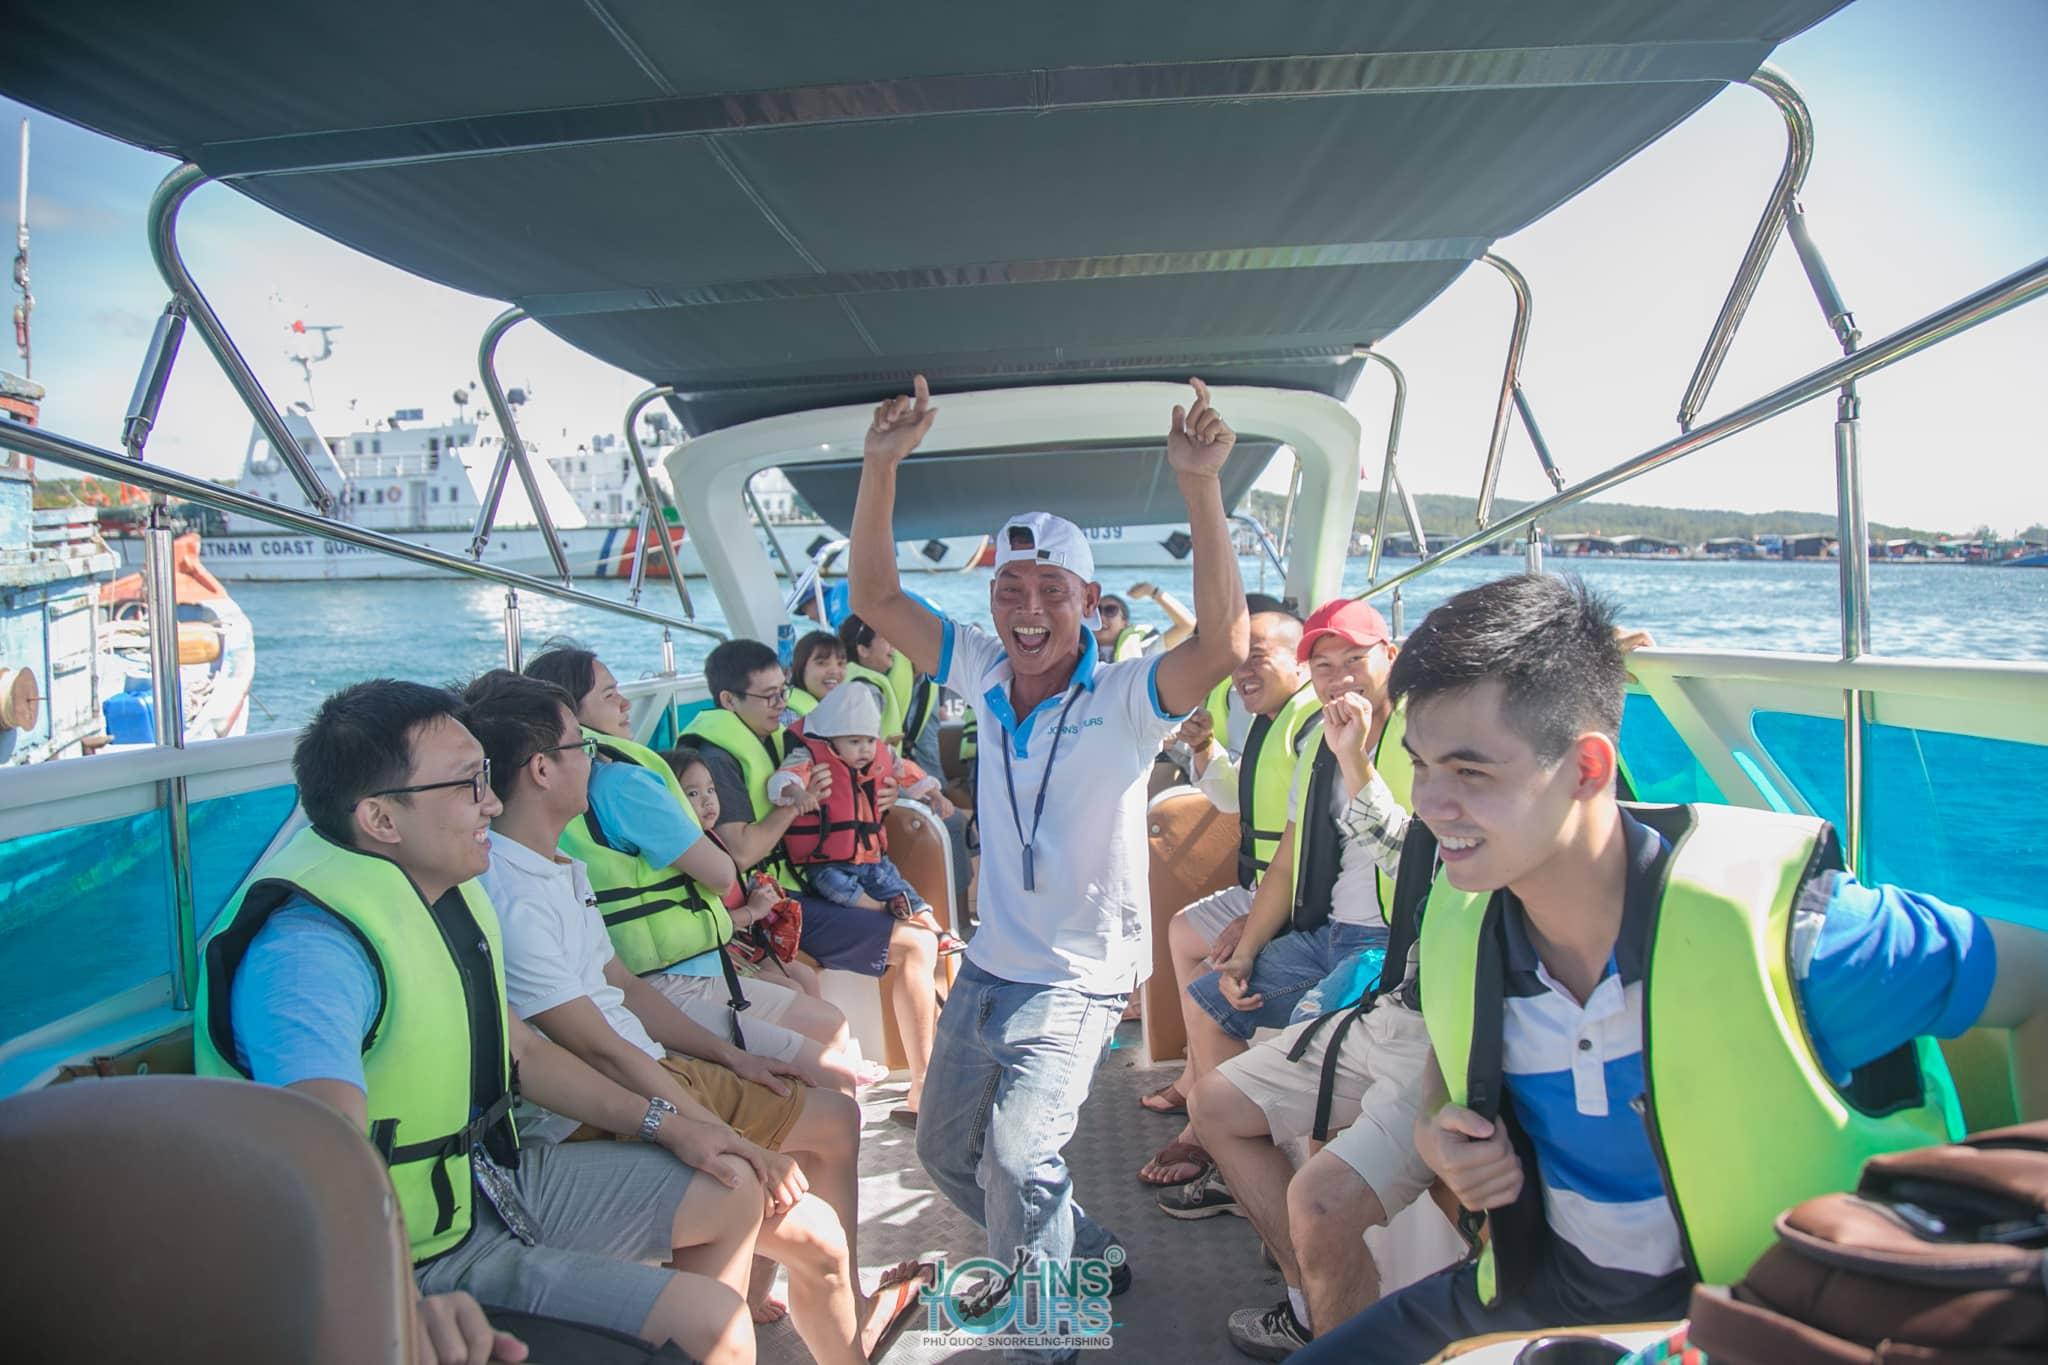 Ra khơi cùng John's Tours Phú Quốc